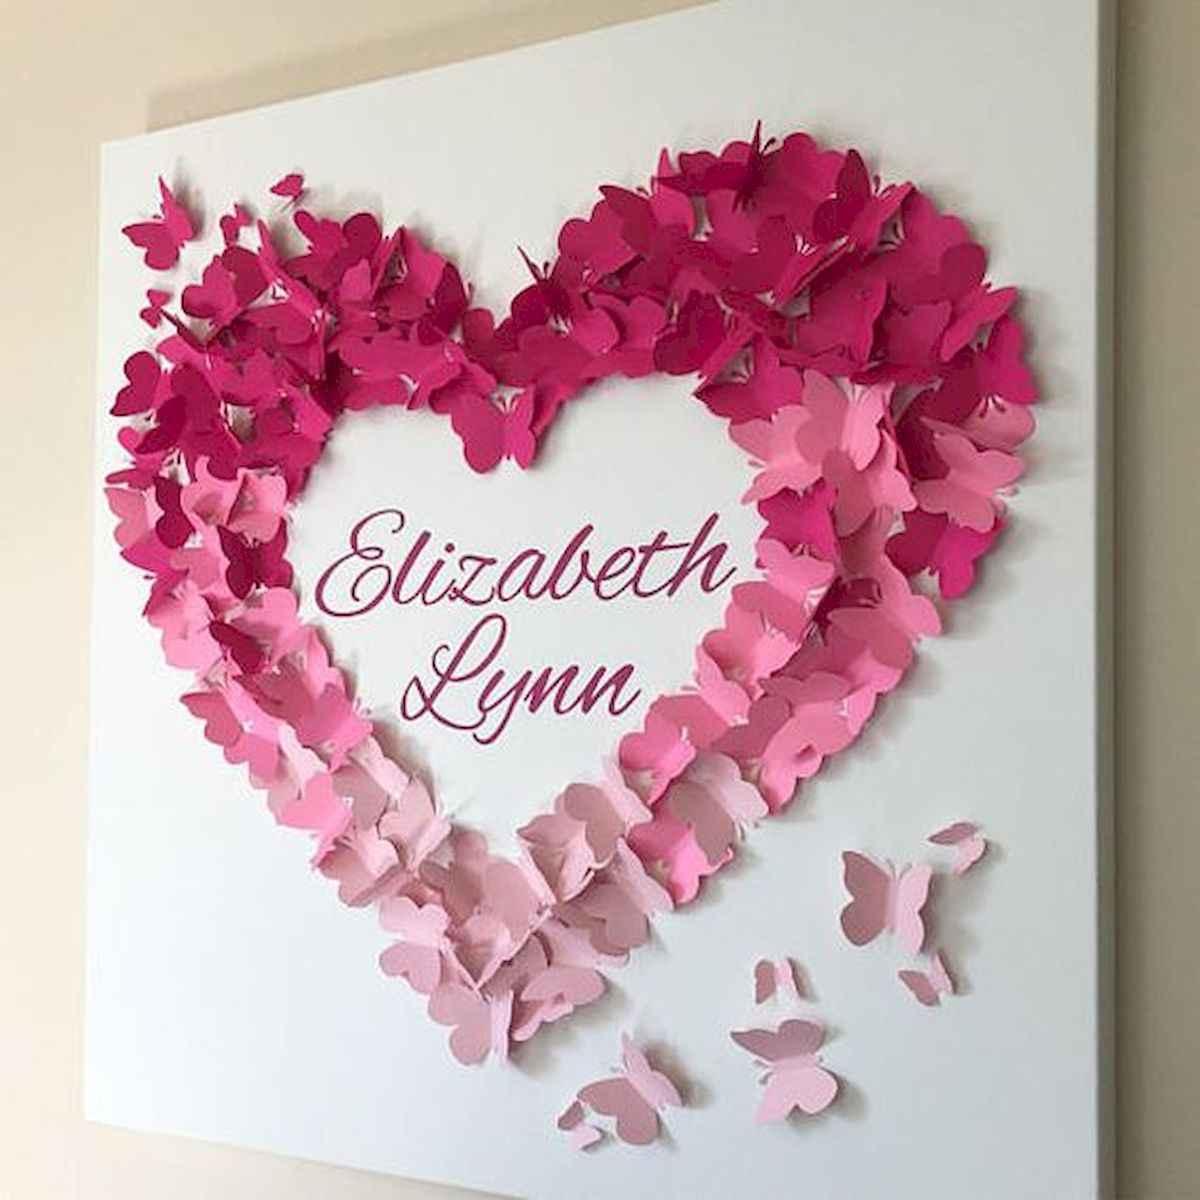 100 Easy Diy Valentines Decorations Ideas 40 Coachdecor Com